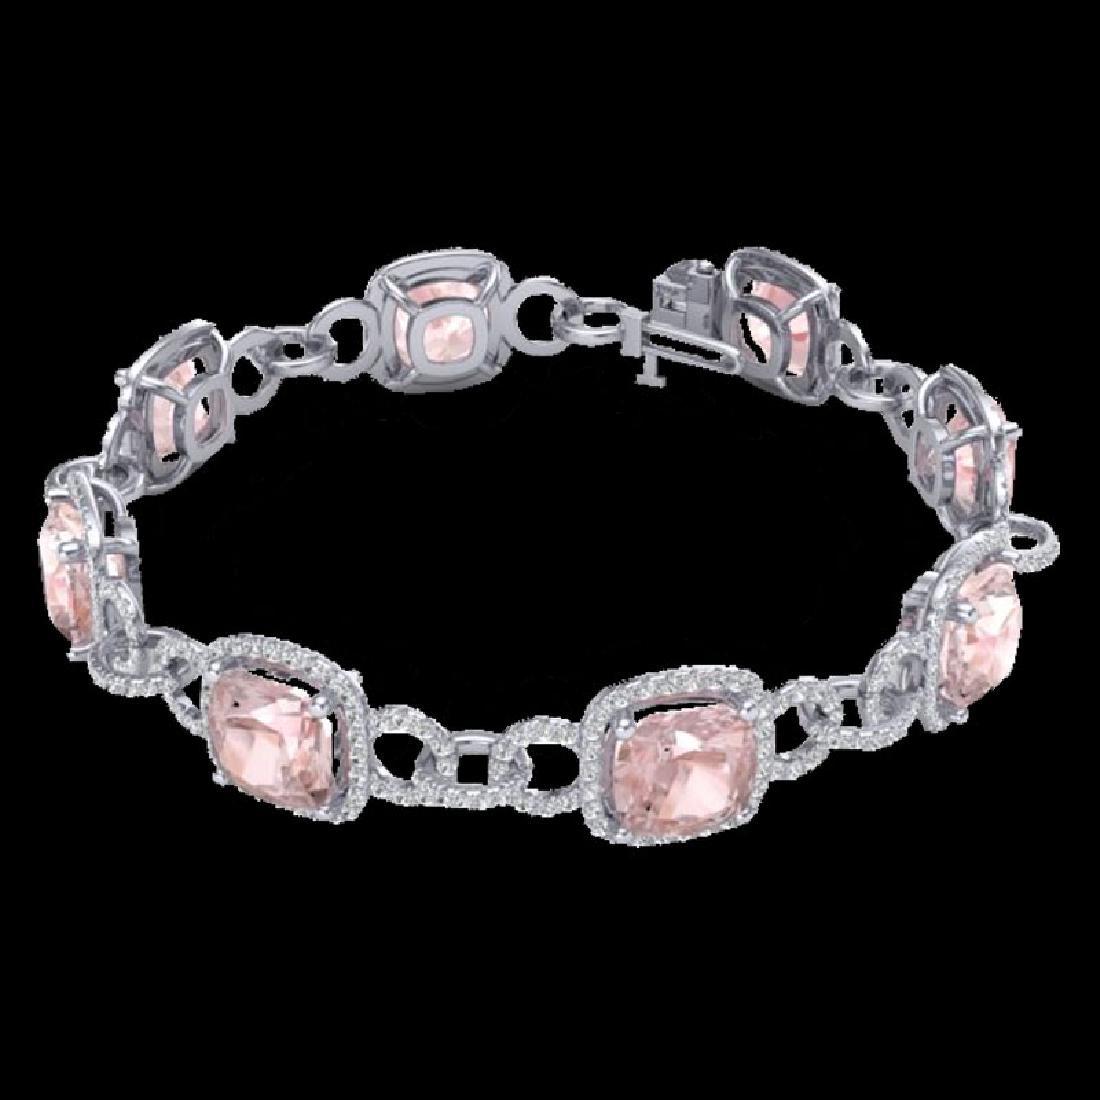 22 CTW Morganite & Micro VS/SI Diamond Bracelet 14K - 2